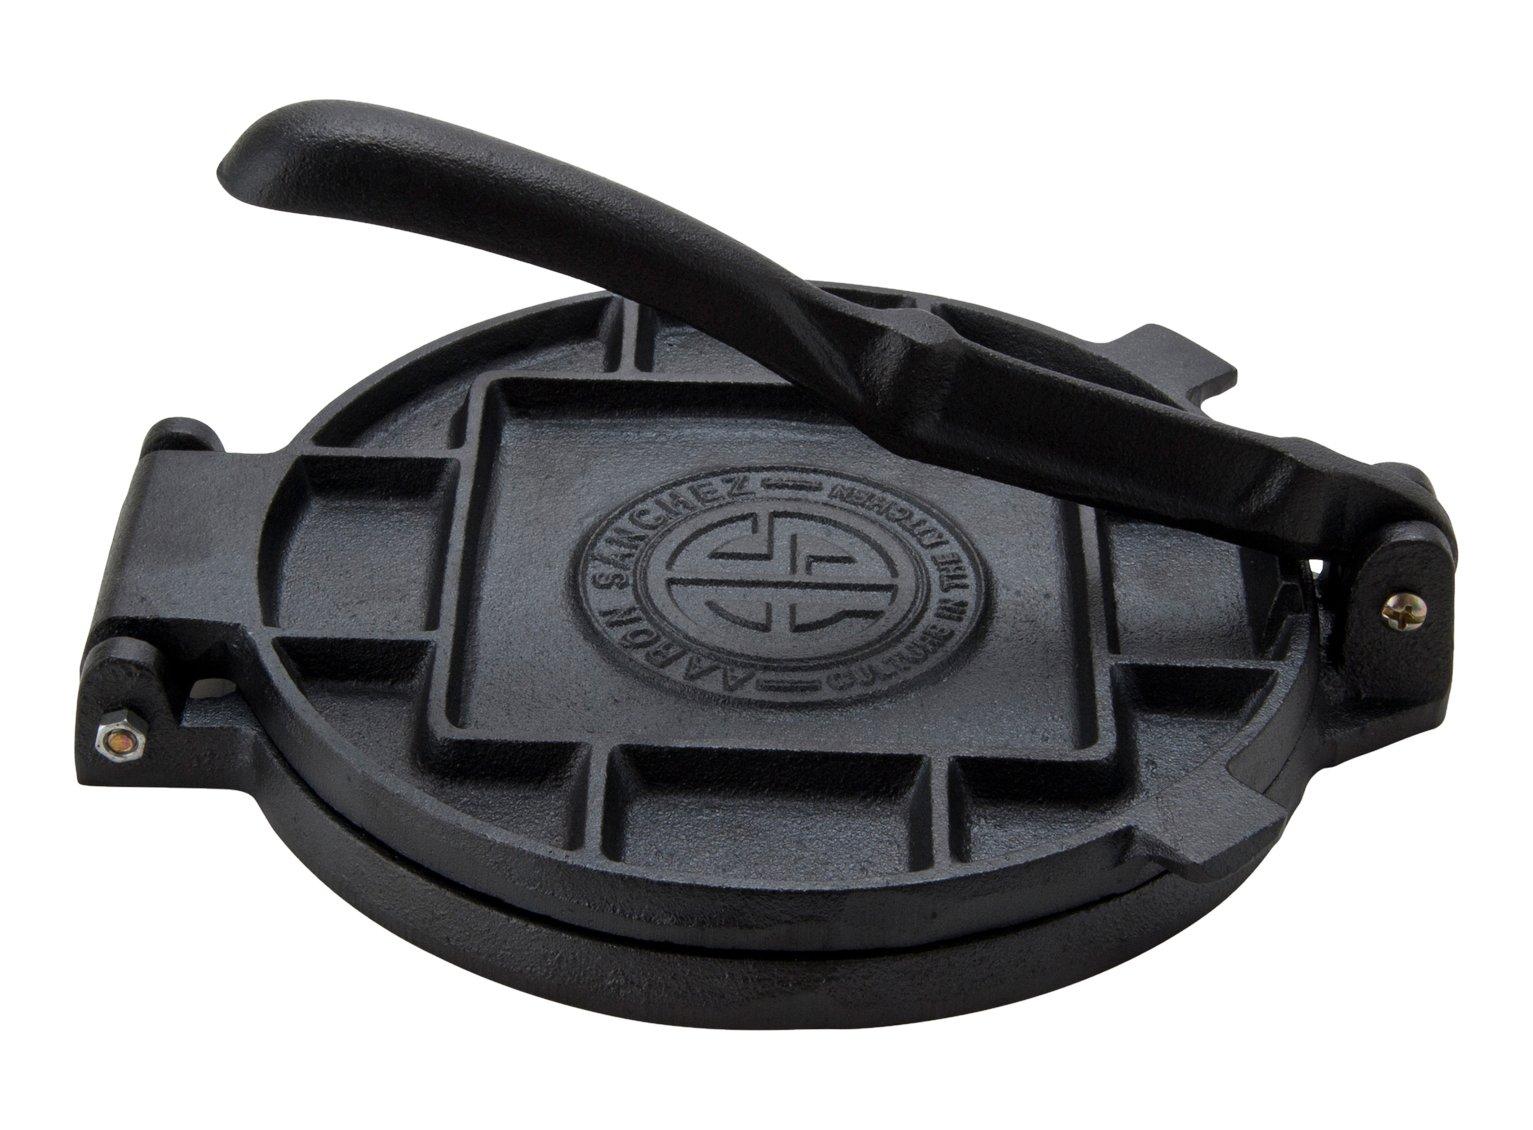 Aramco CI-12518 7'' Cast Iron Tortilla Press, Small, Multicolor